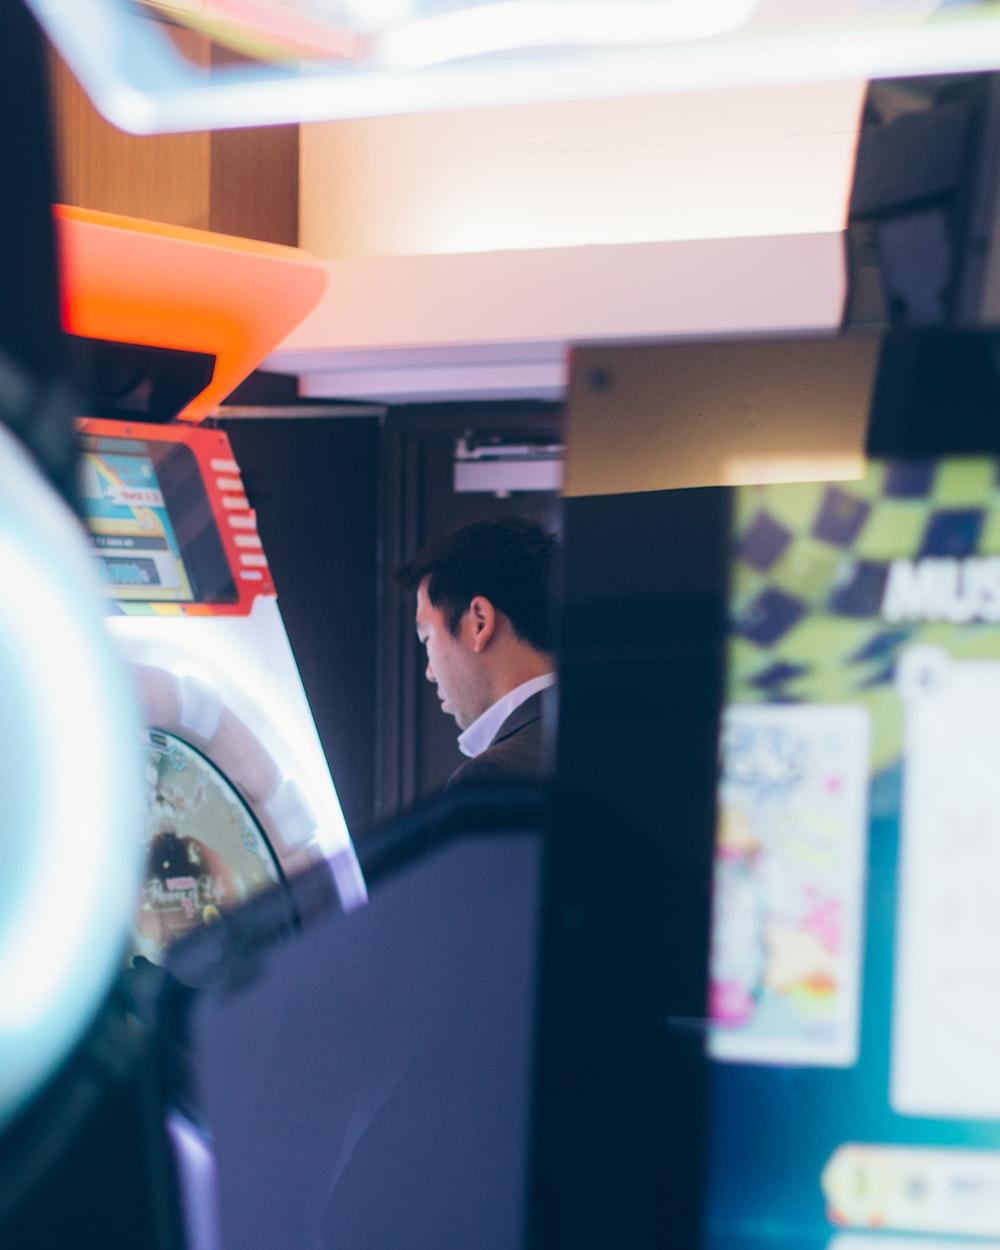 man facing game arcade machine